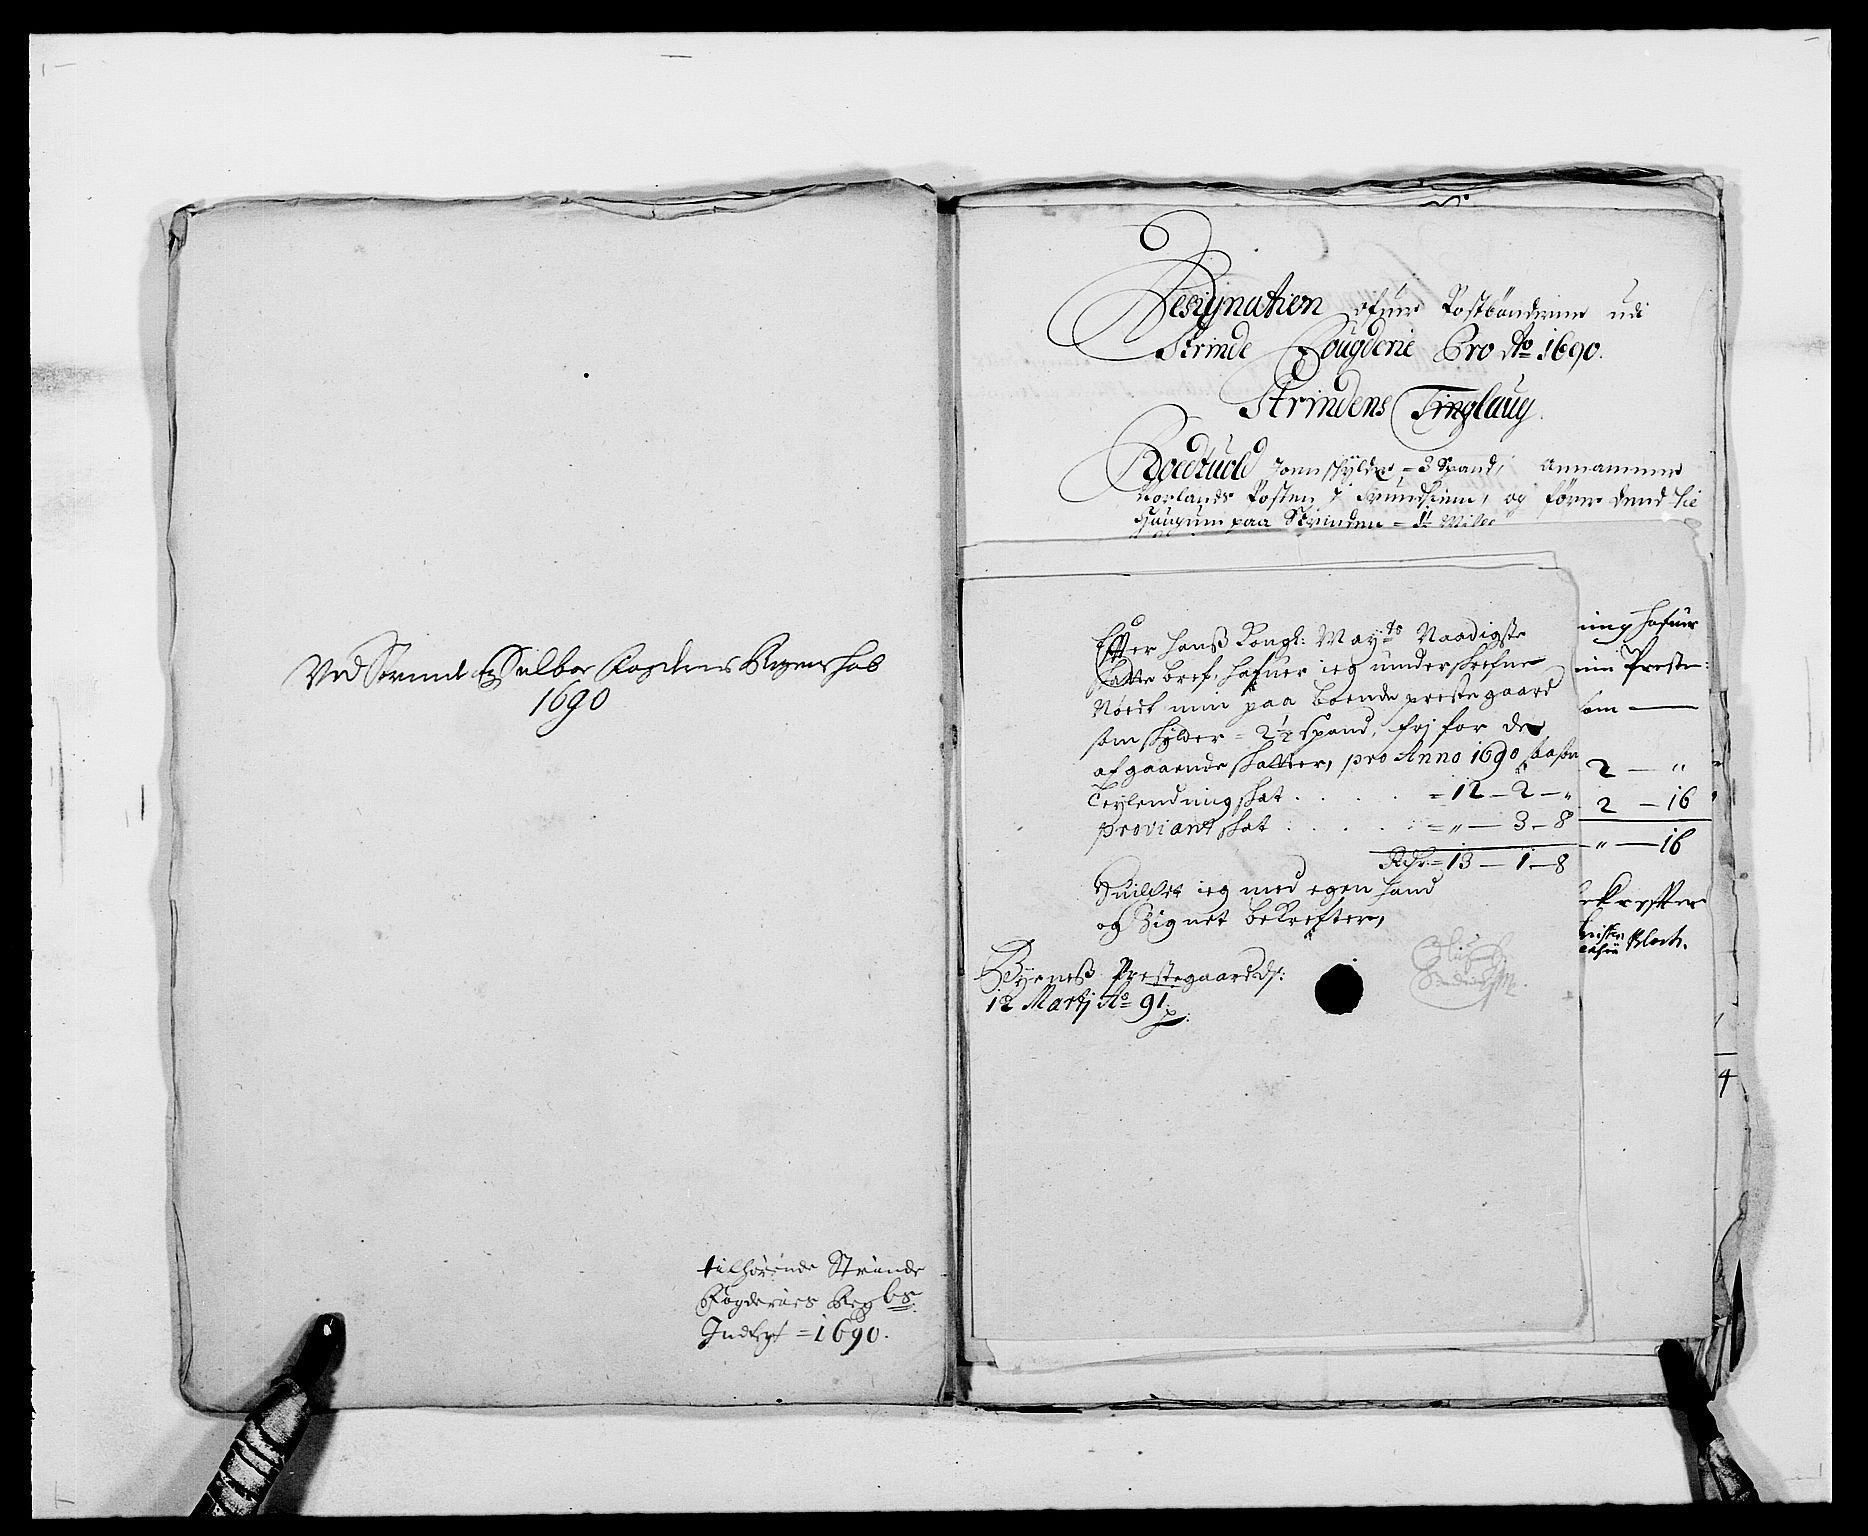 RA, Rentekammeret inntil 1814, Reviderte regnskaper, Fogderegnskap, R61/L4102: Fogderegnskap Strinda og Selbu, 1689-1690, s. 269